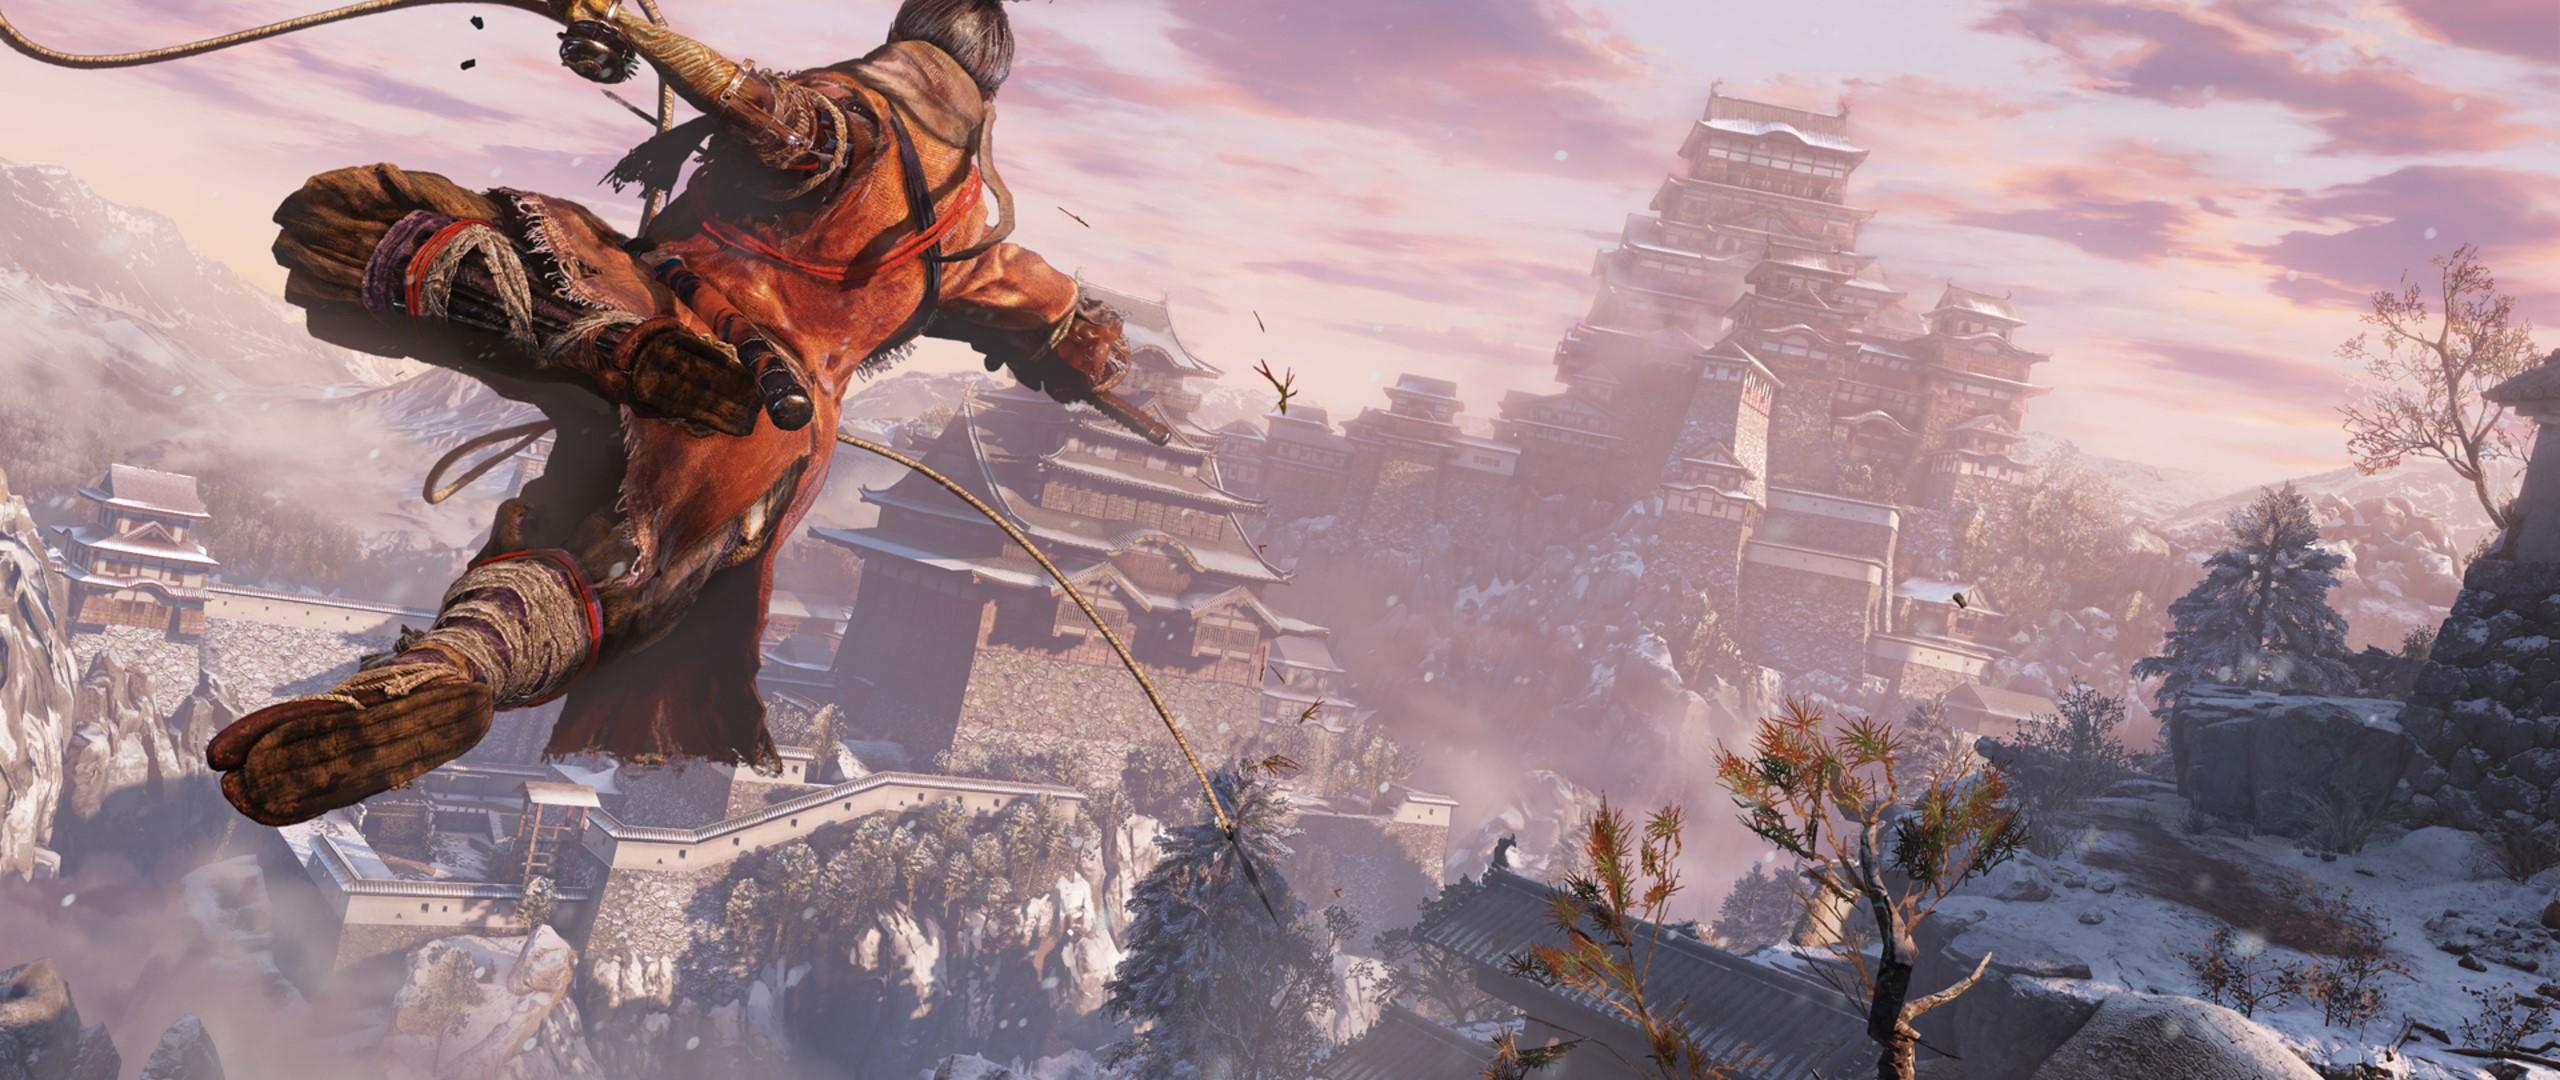 Sekiro: Shadows Die Twice Xbox One 2019